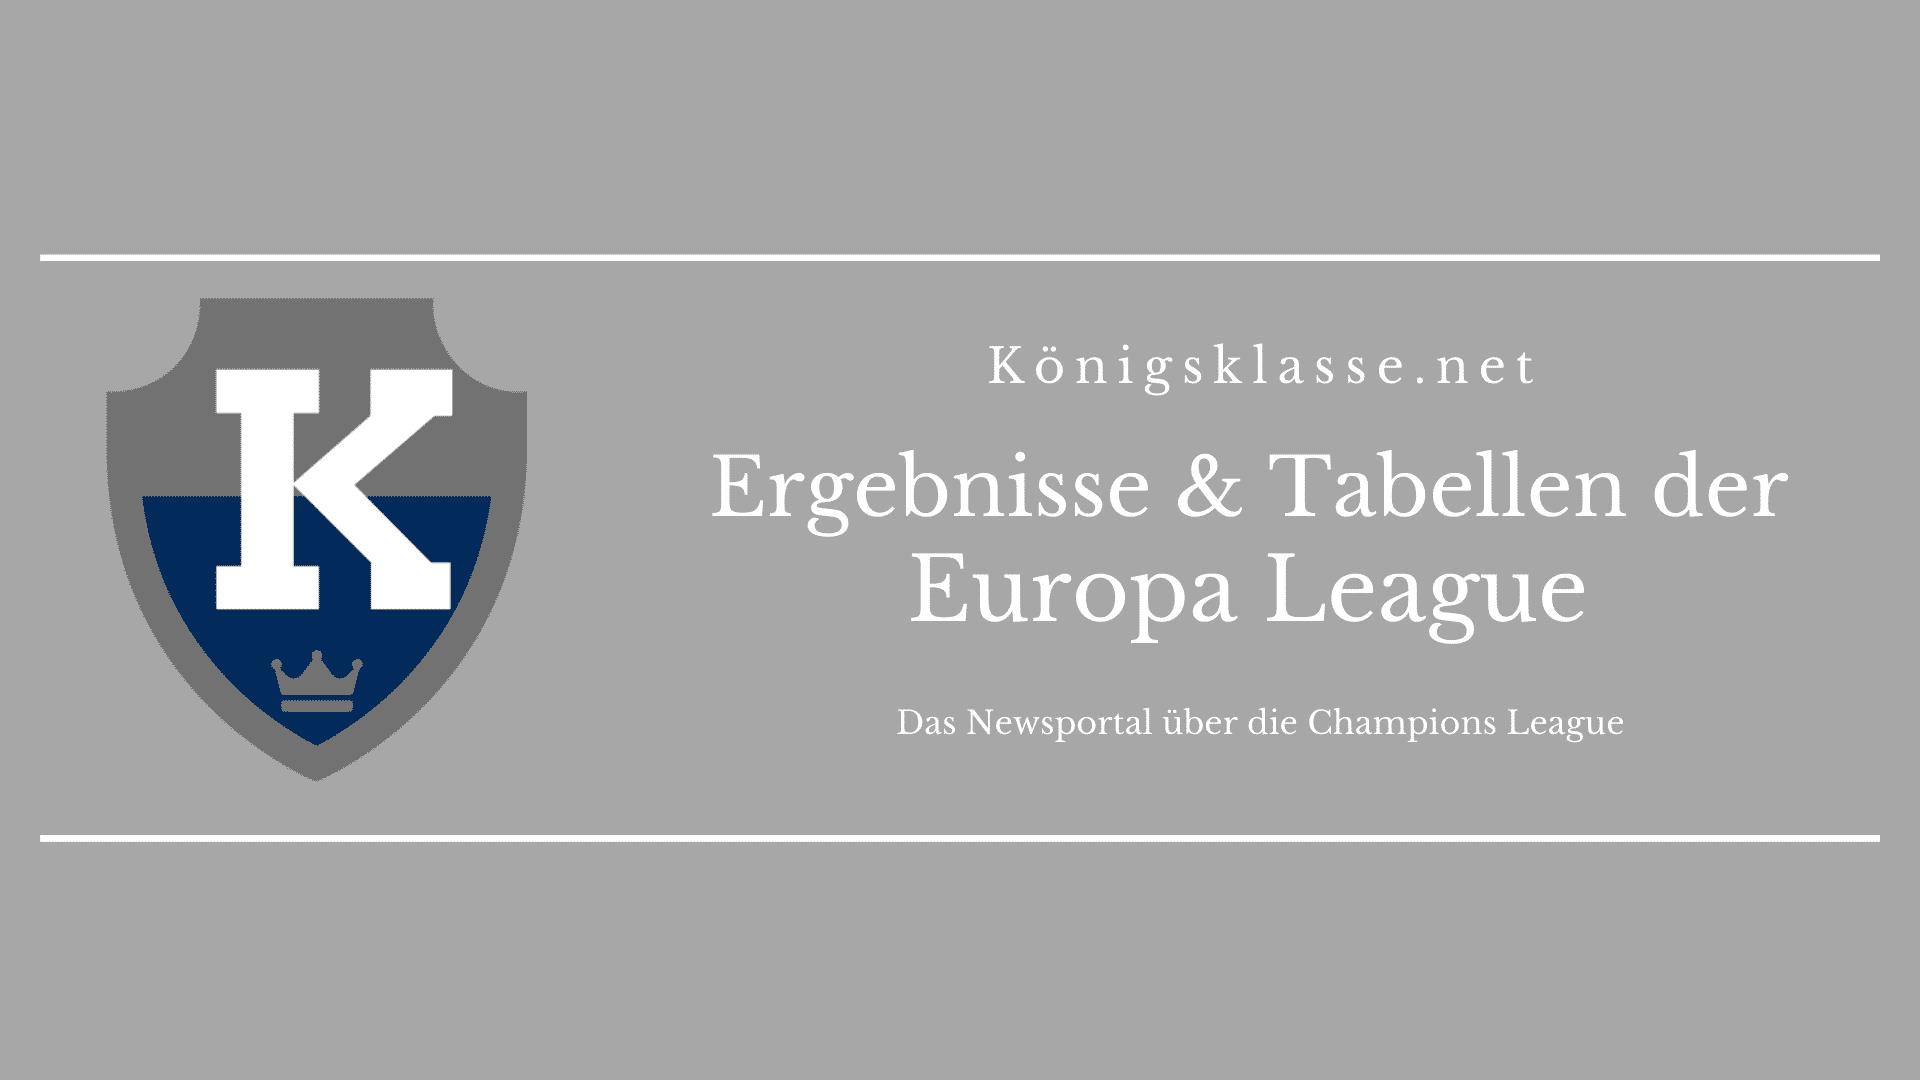 Die Ergebnisse und Tabellen der Europa League.